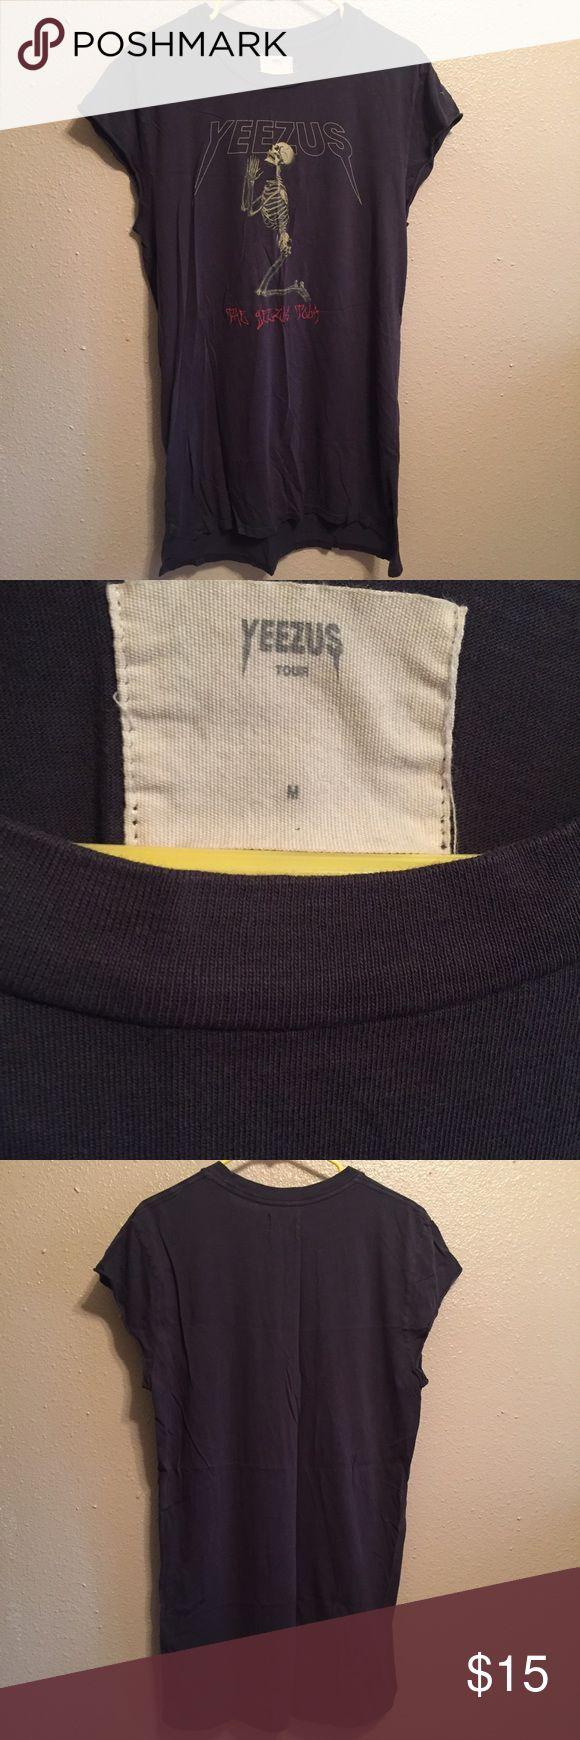 Yeezus Tour Shirt Barely worn Yeezus shirt. Size Medium, very long. Yeezy Tops Tank Tops